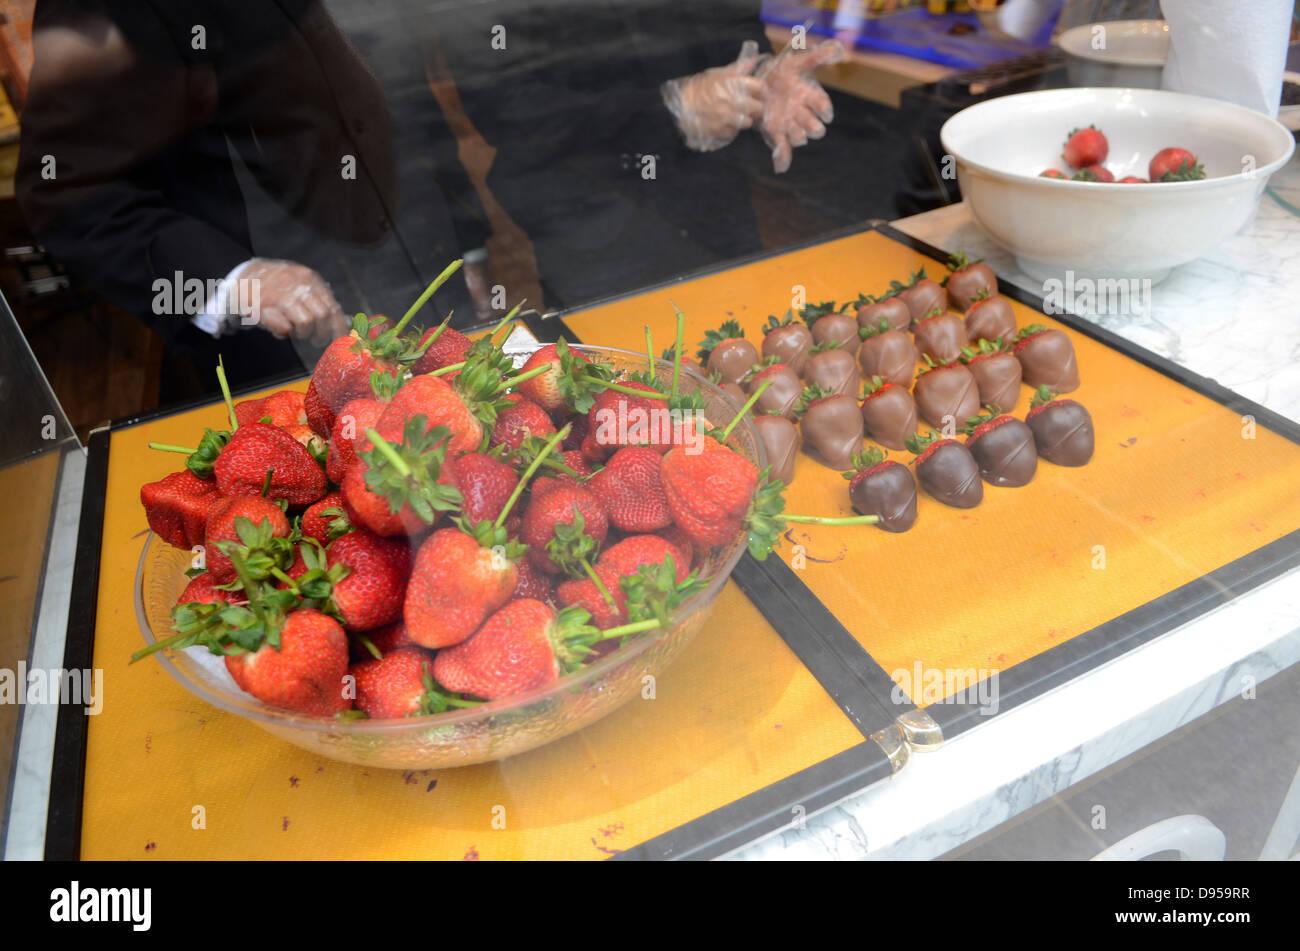 Chocolate strawberries at Godiva store, 5th Avenue, Manhattan, New ...